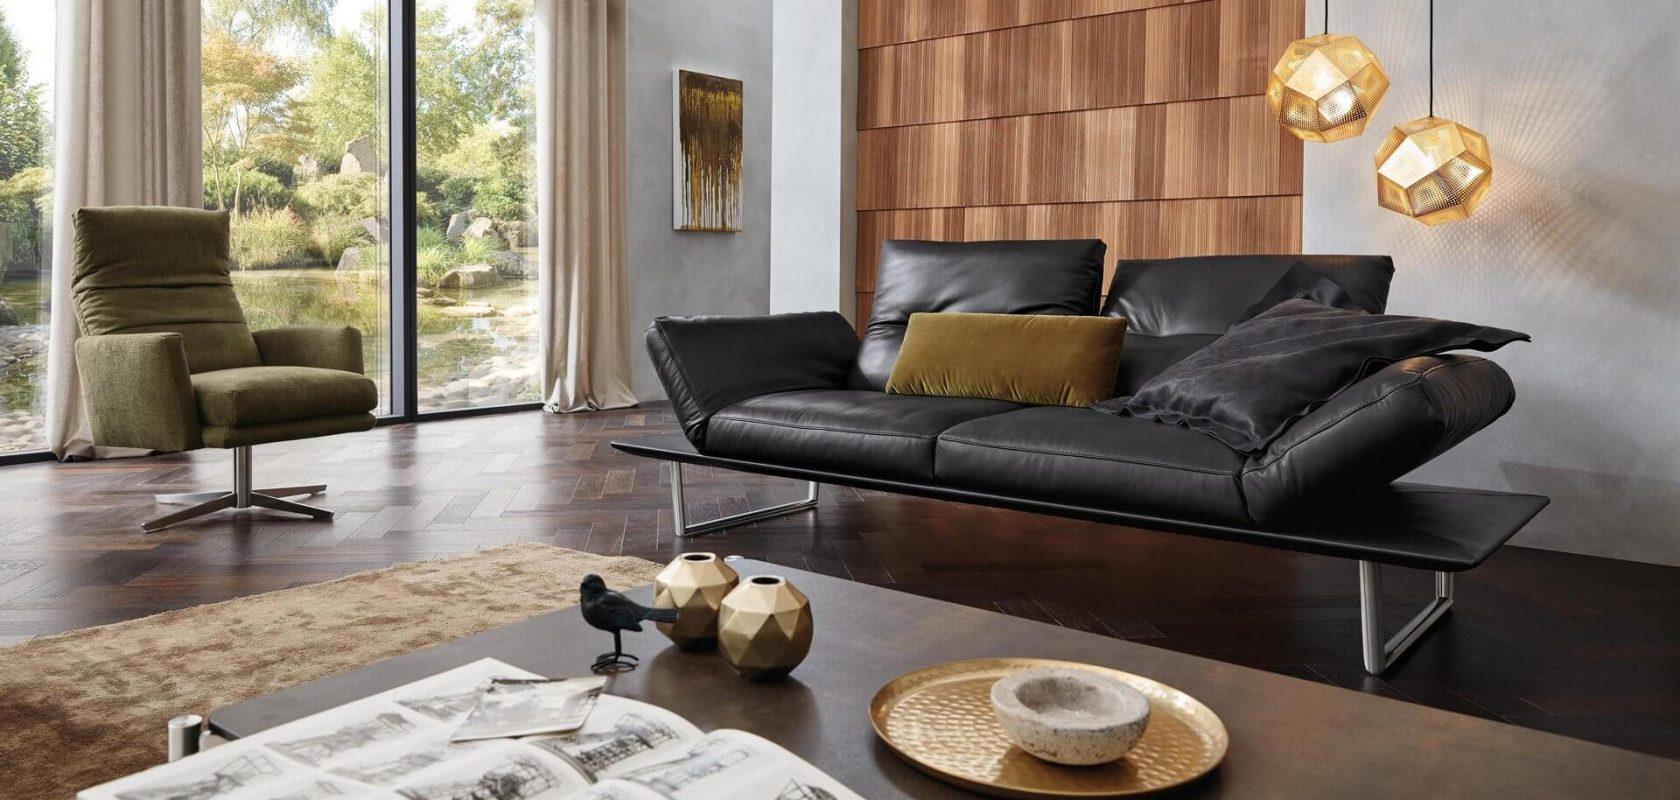 musterring mr 495 sofa wohnmöbel wohnzimmer-min (1)